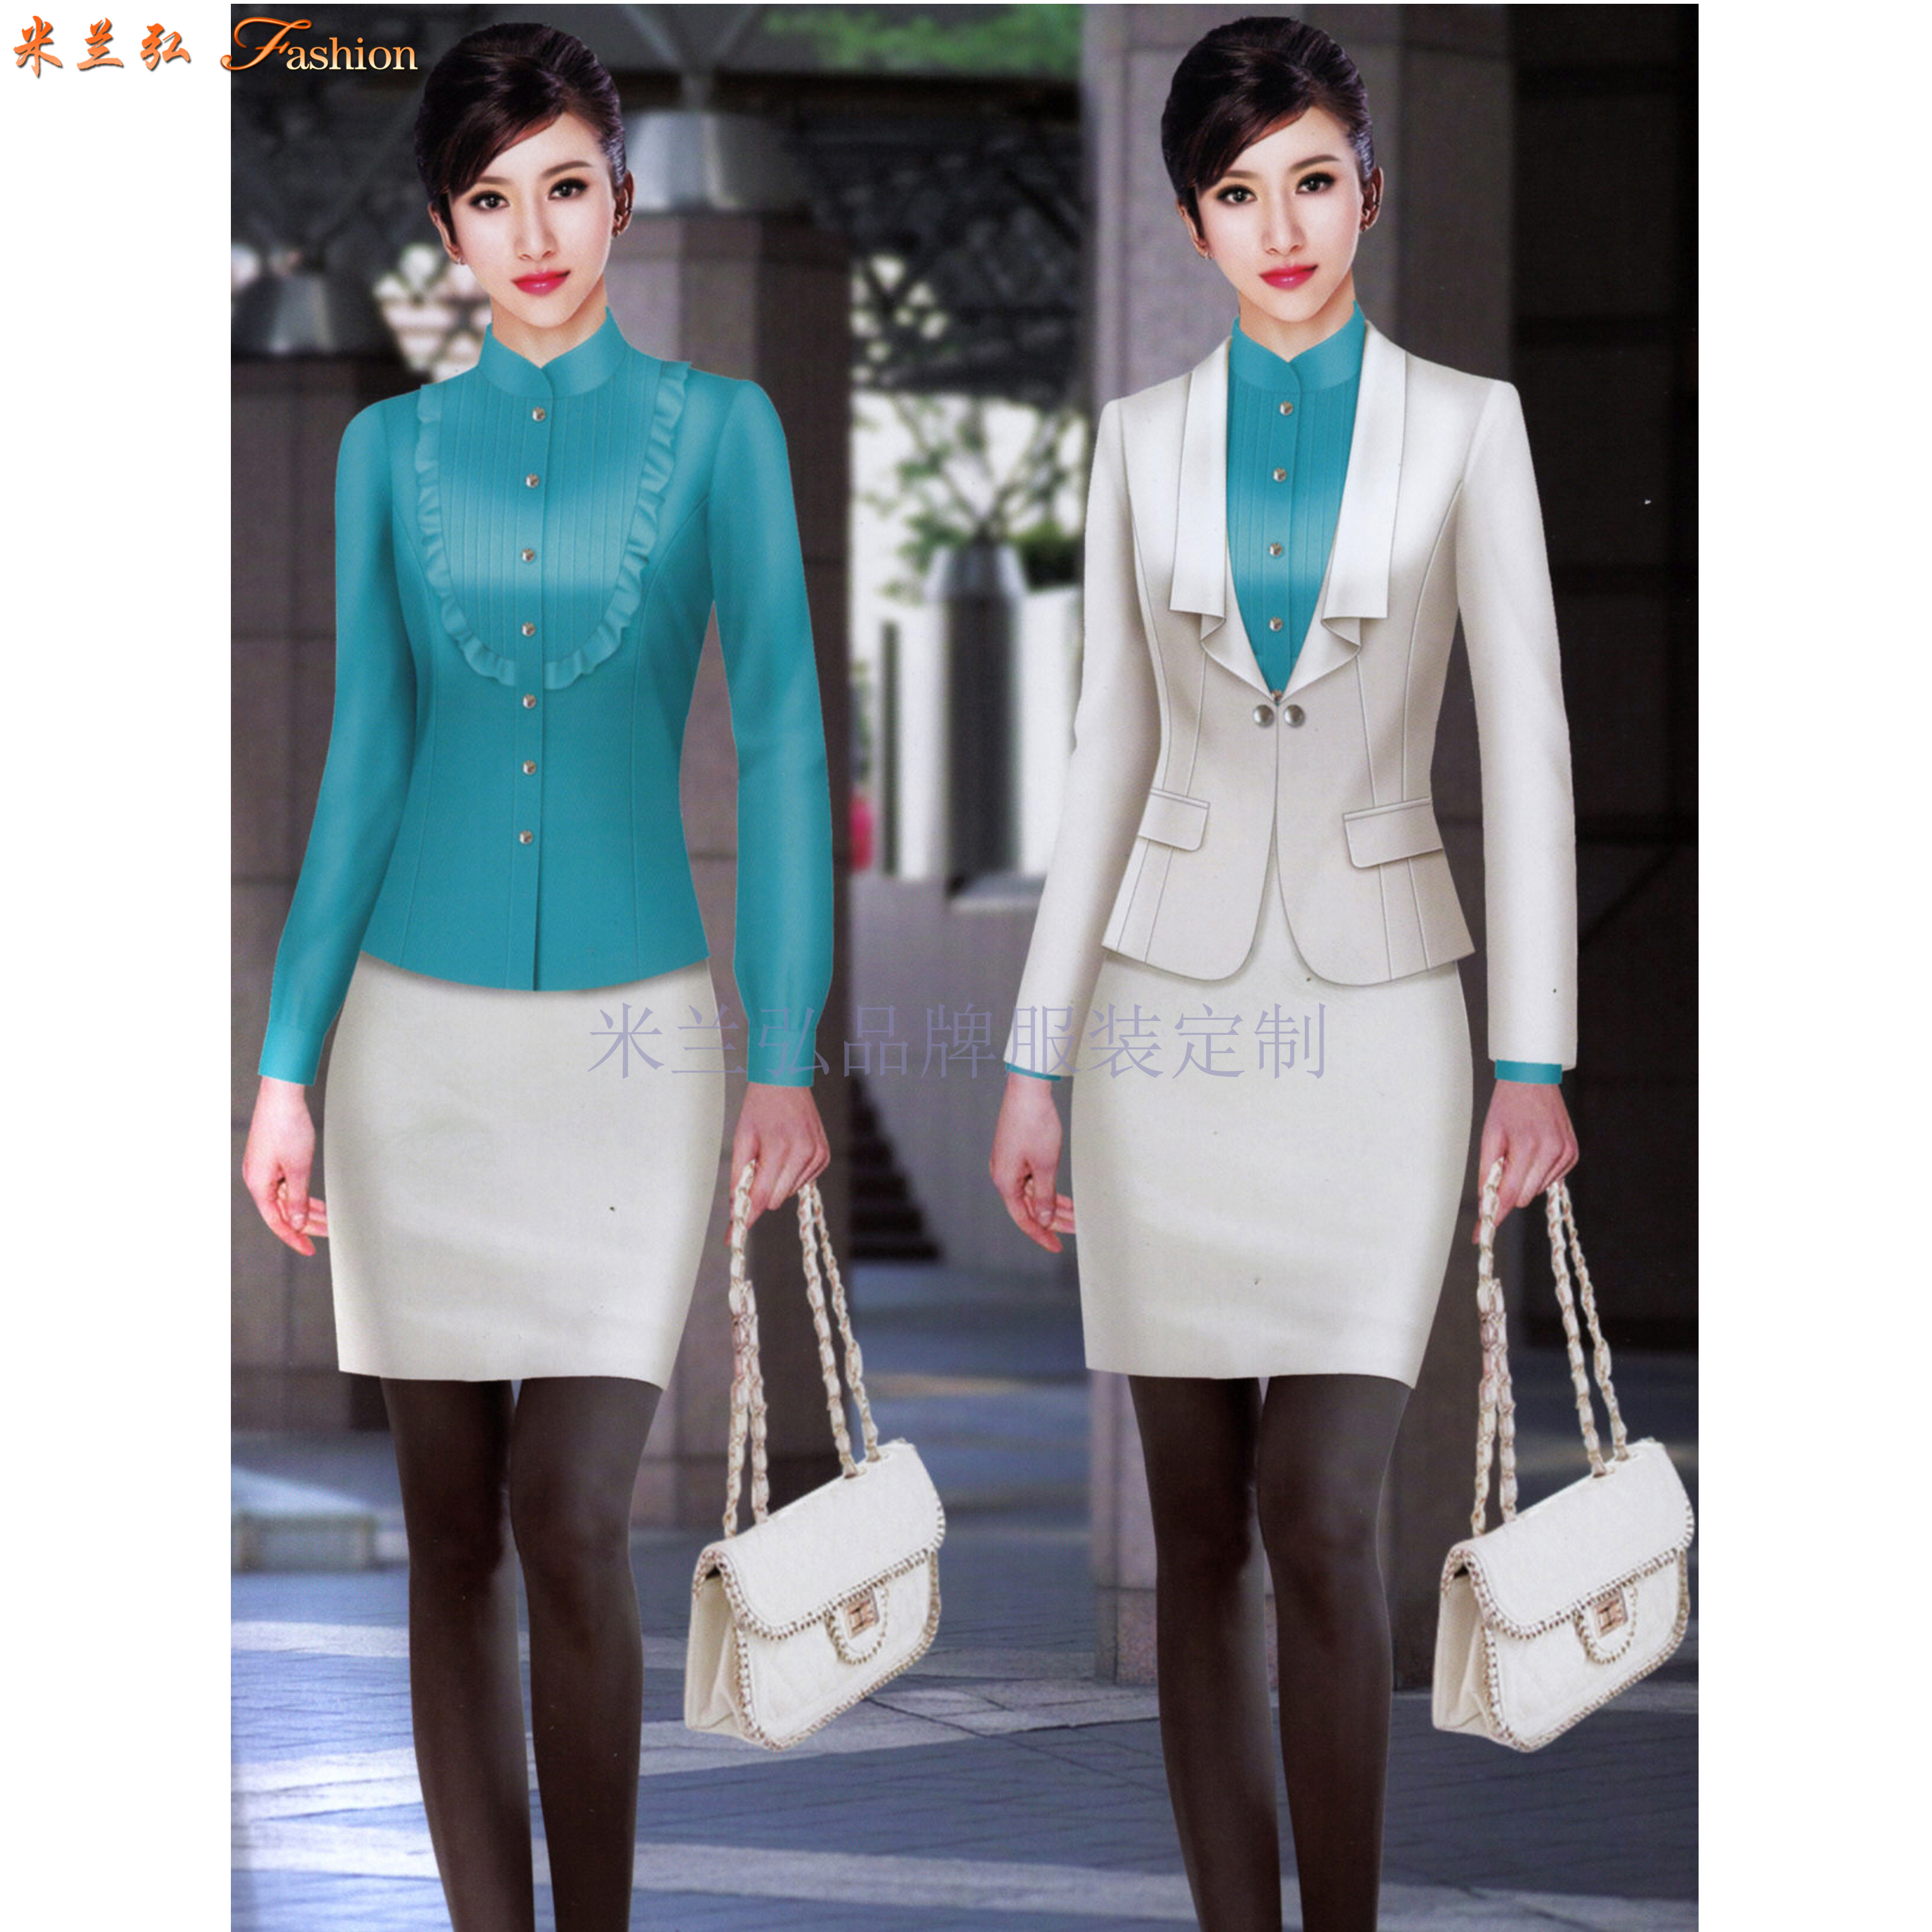 「职业装」北京量身定制订做通勤职业装的靠谱公司-米兰弘服装-5